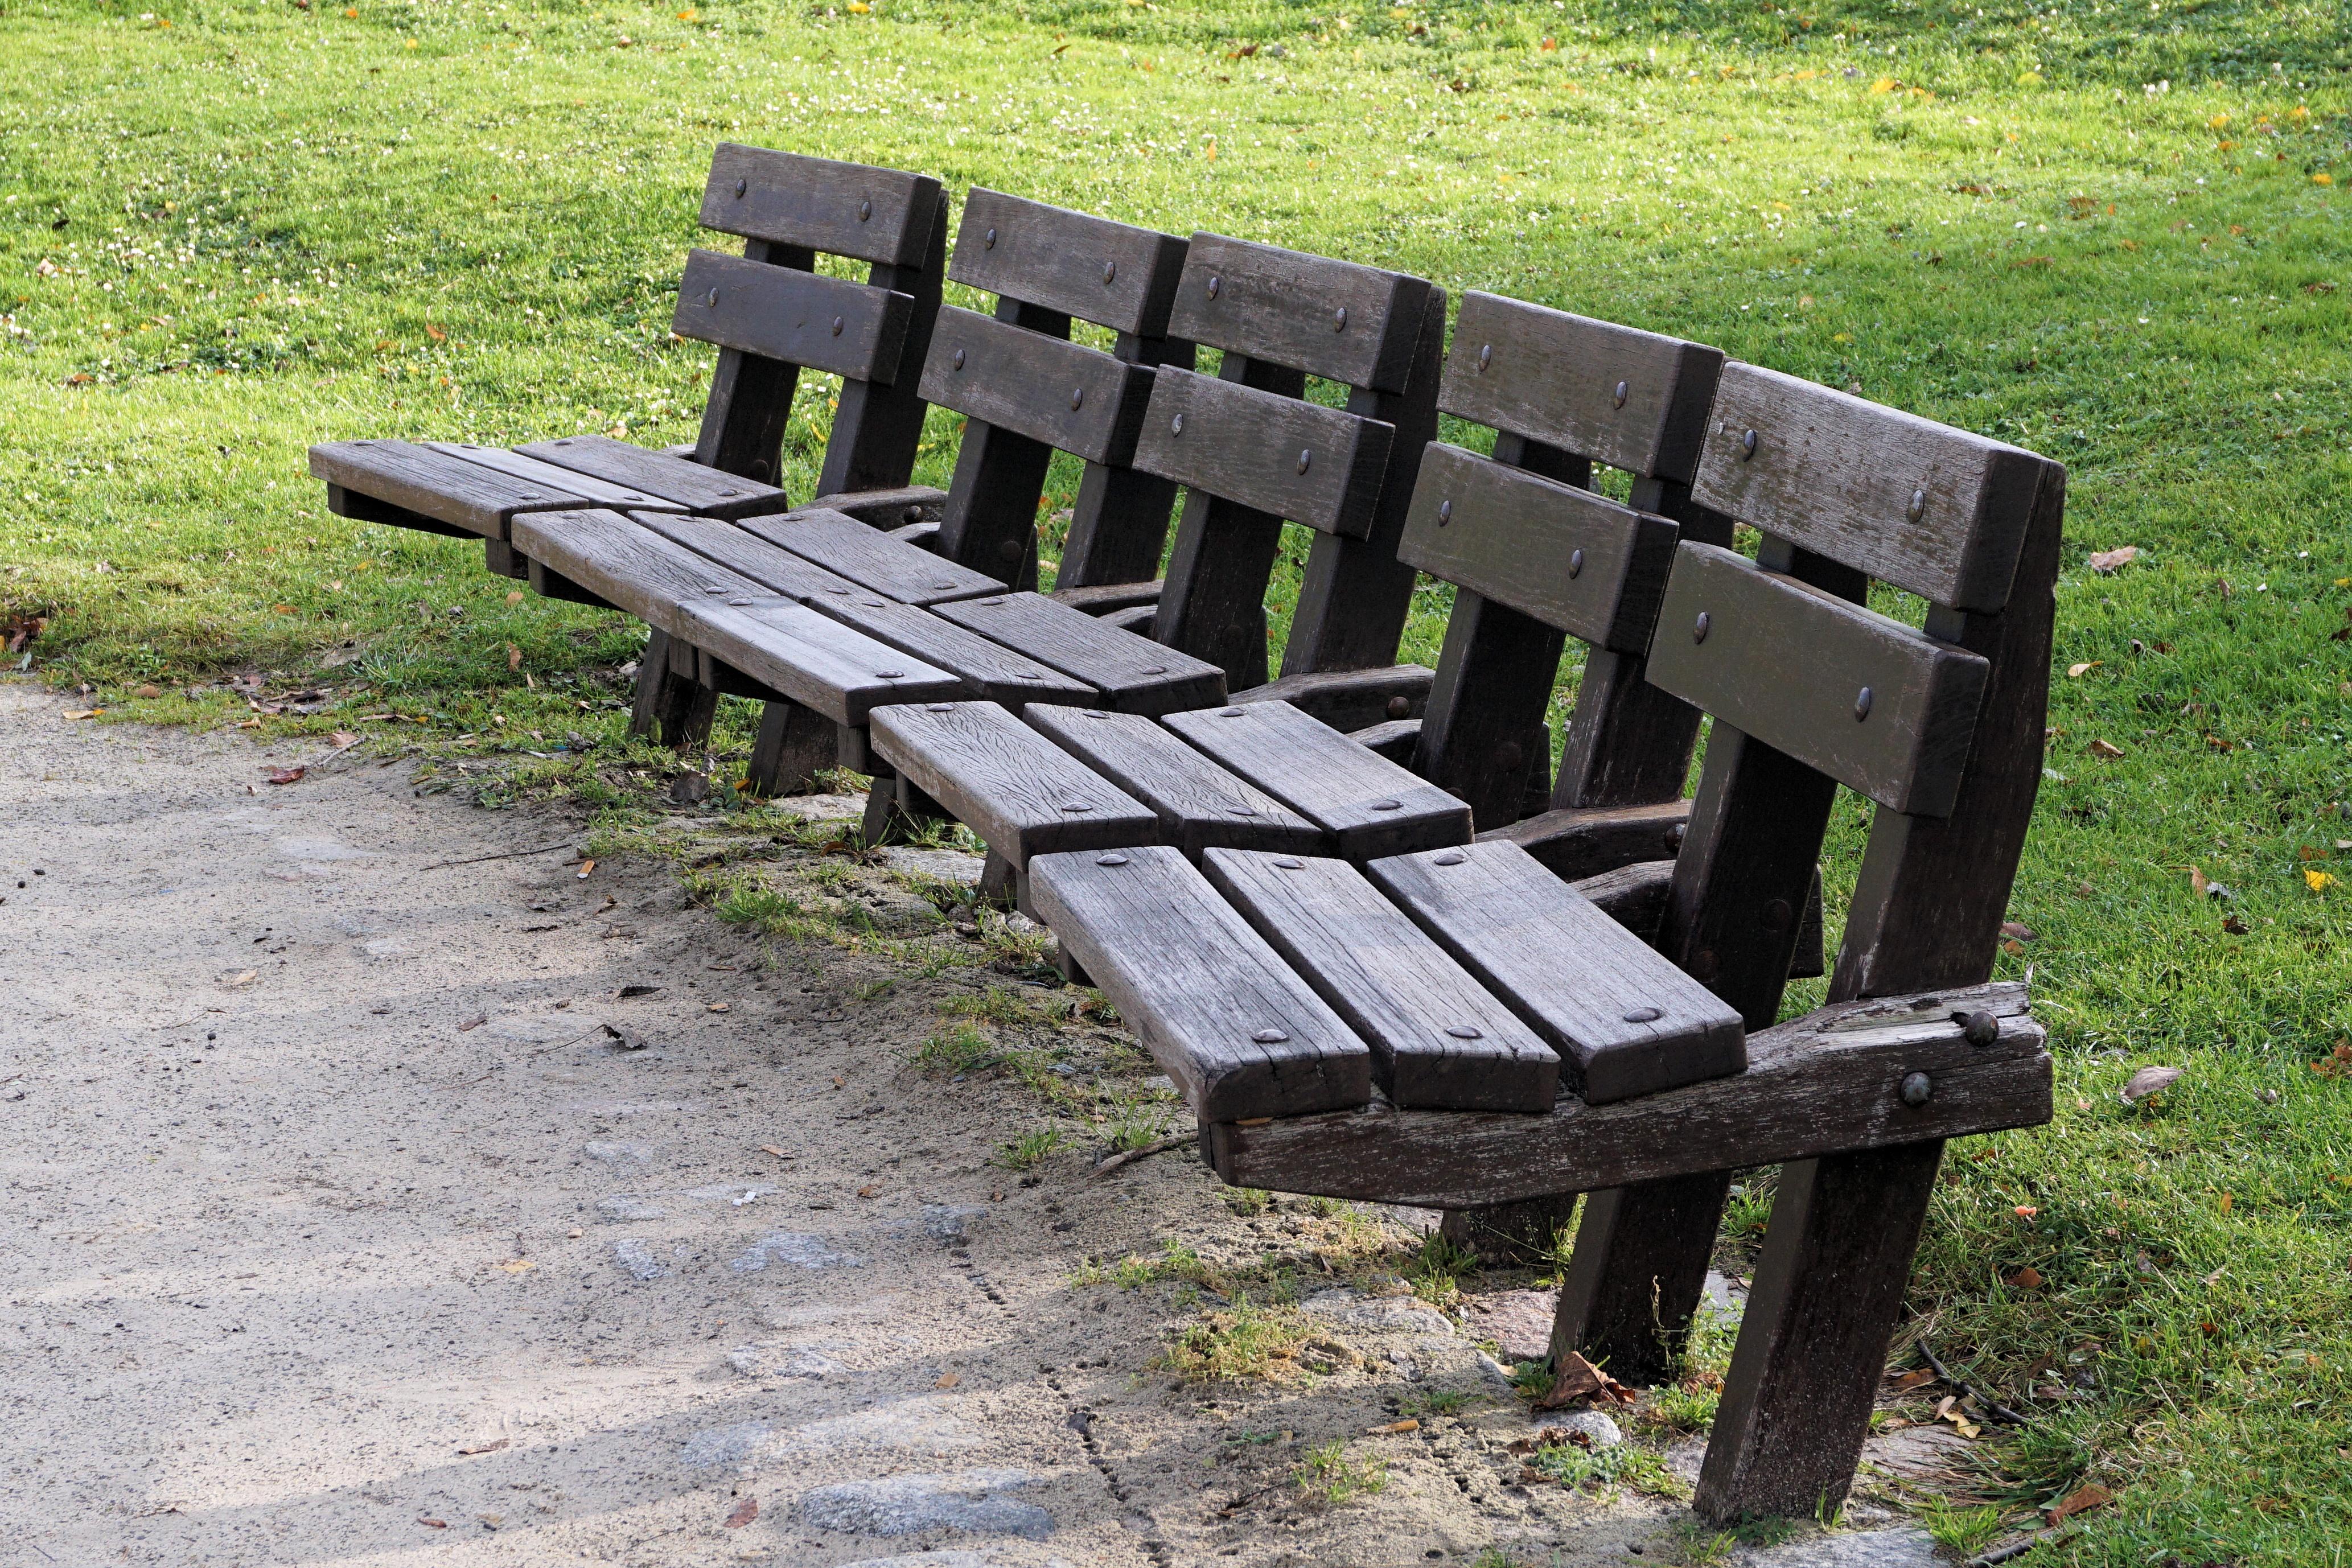 Fotos gratis : madera, banco, asiento, relajarse, descanso, mueble ...